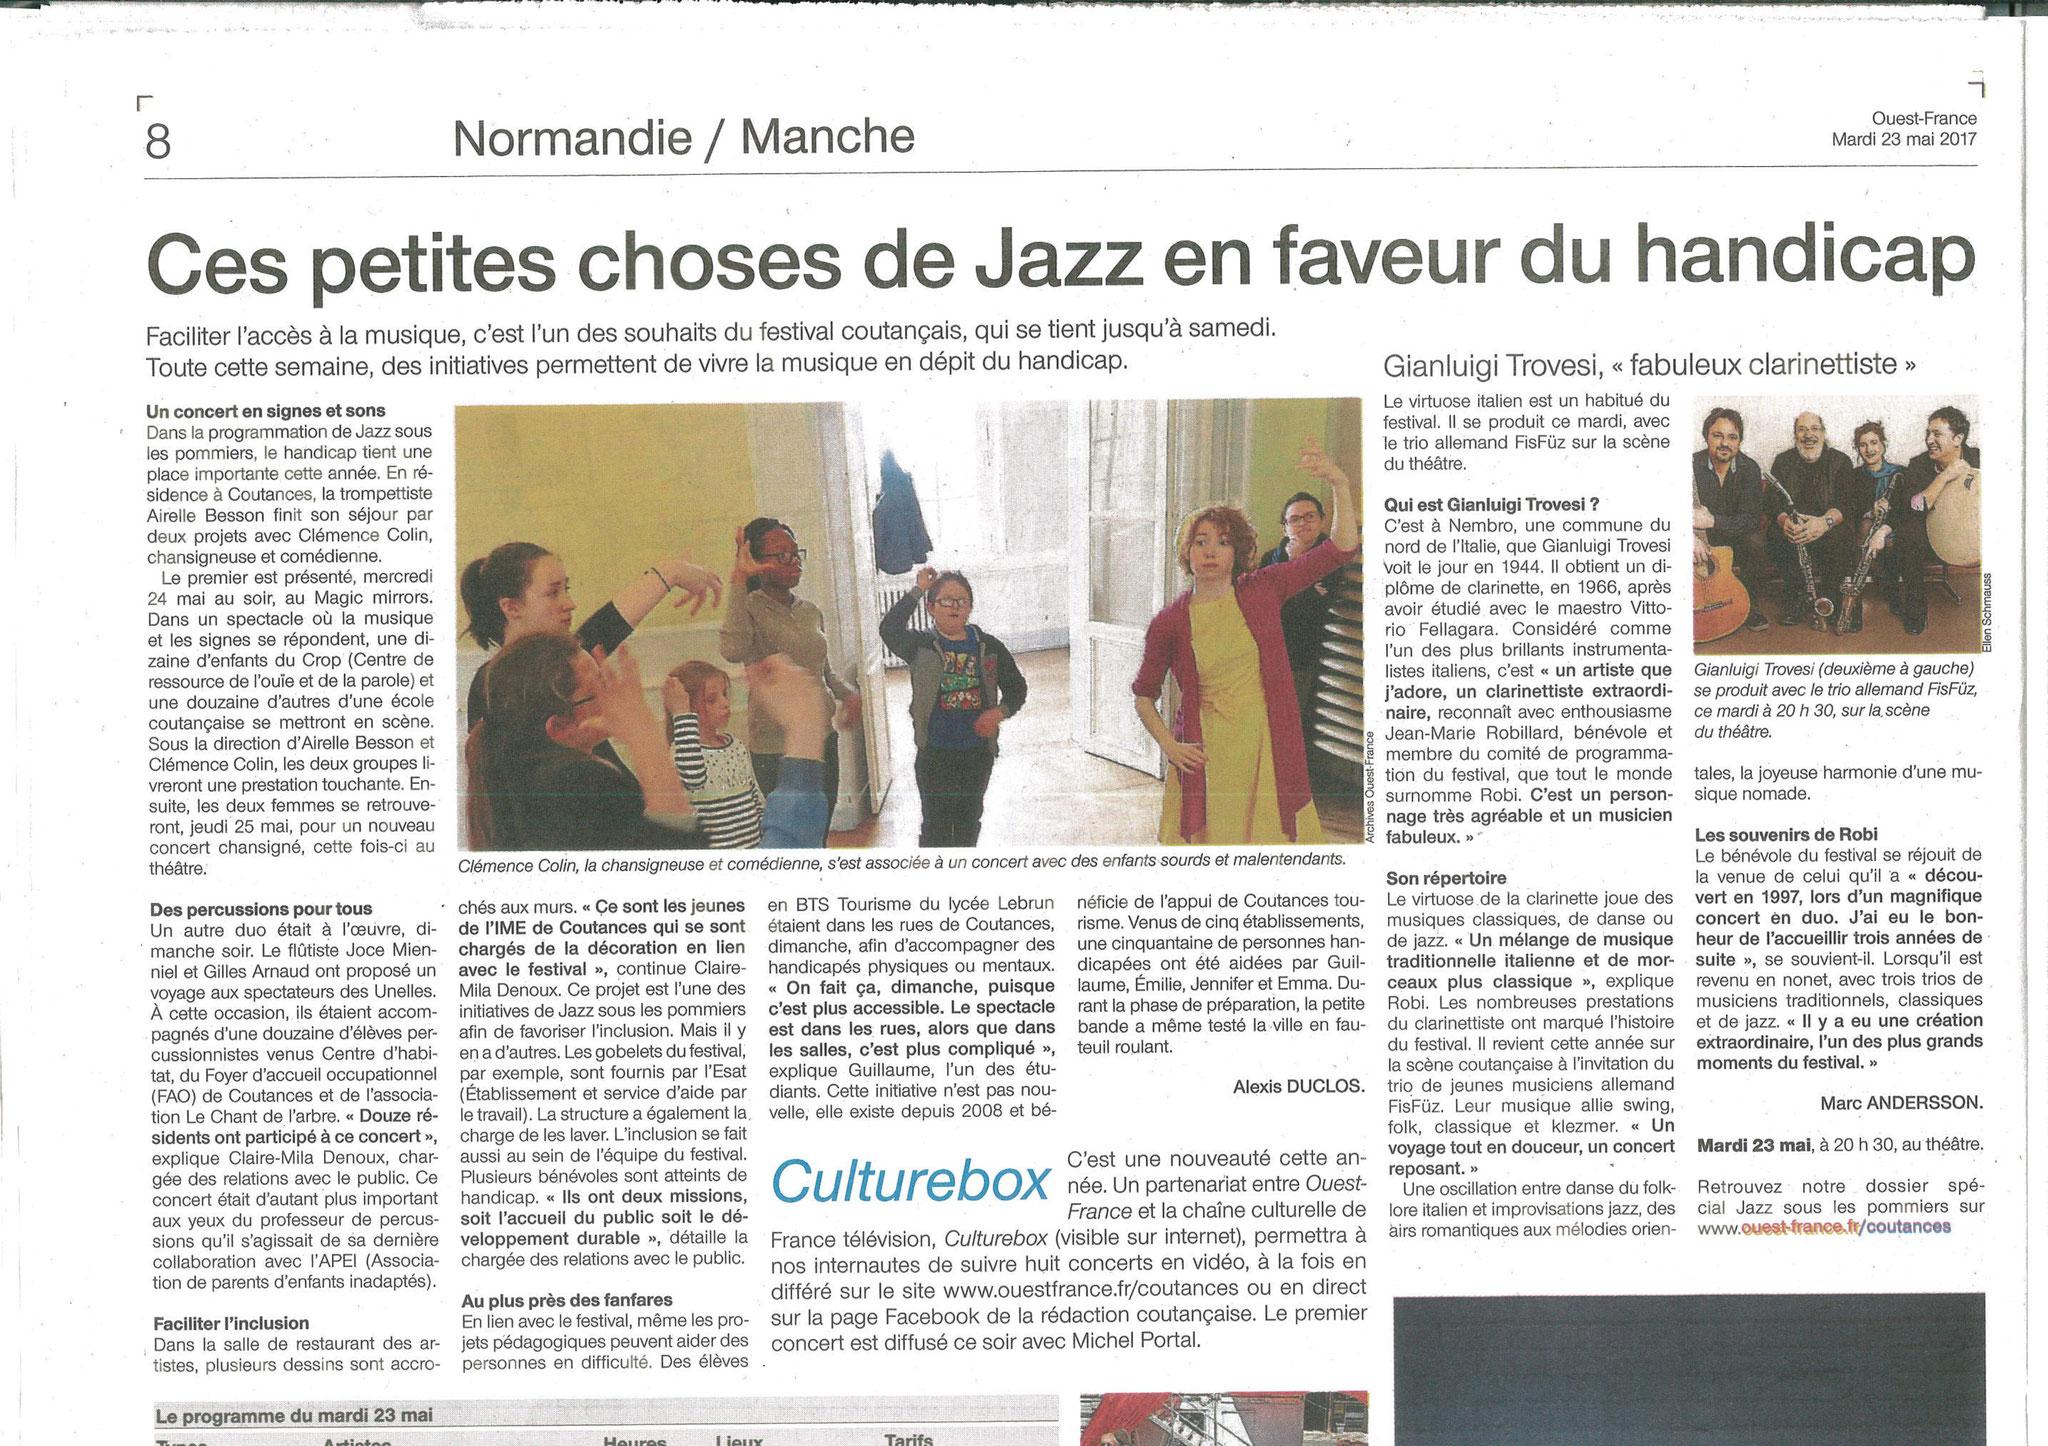 Ouest France - 22 mai 2017